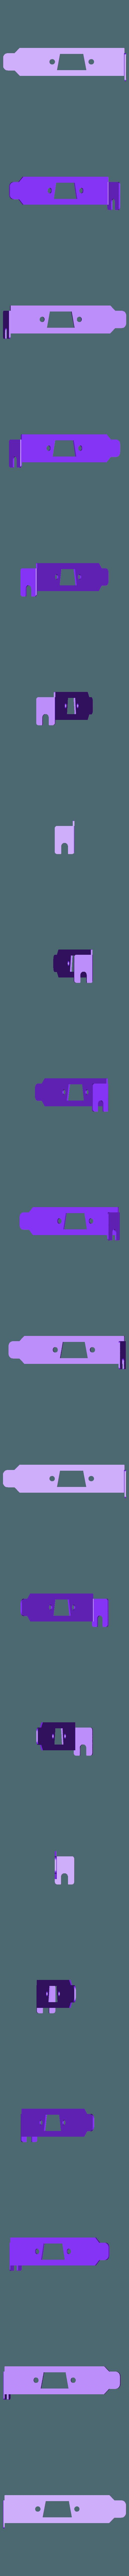 bracket.stl Télécharger fichier STL gratuit Couvercle de fente PCI à profil bas (VGA) • Modèle à imprimer en 3D, 3DWP